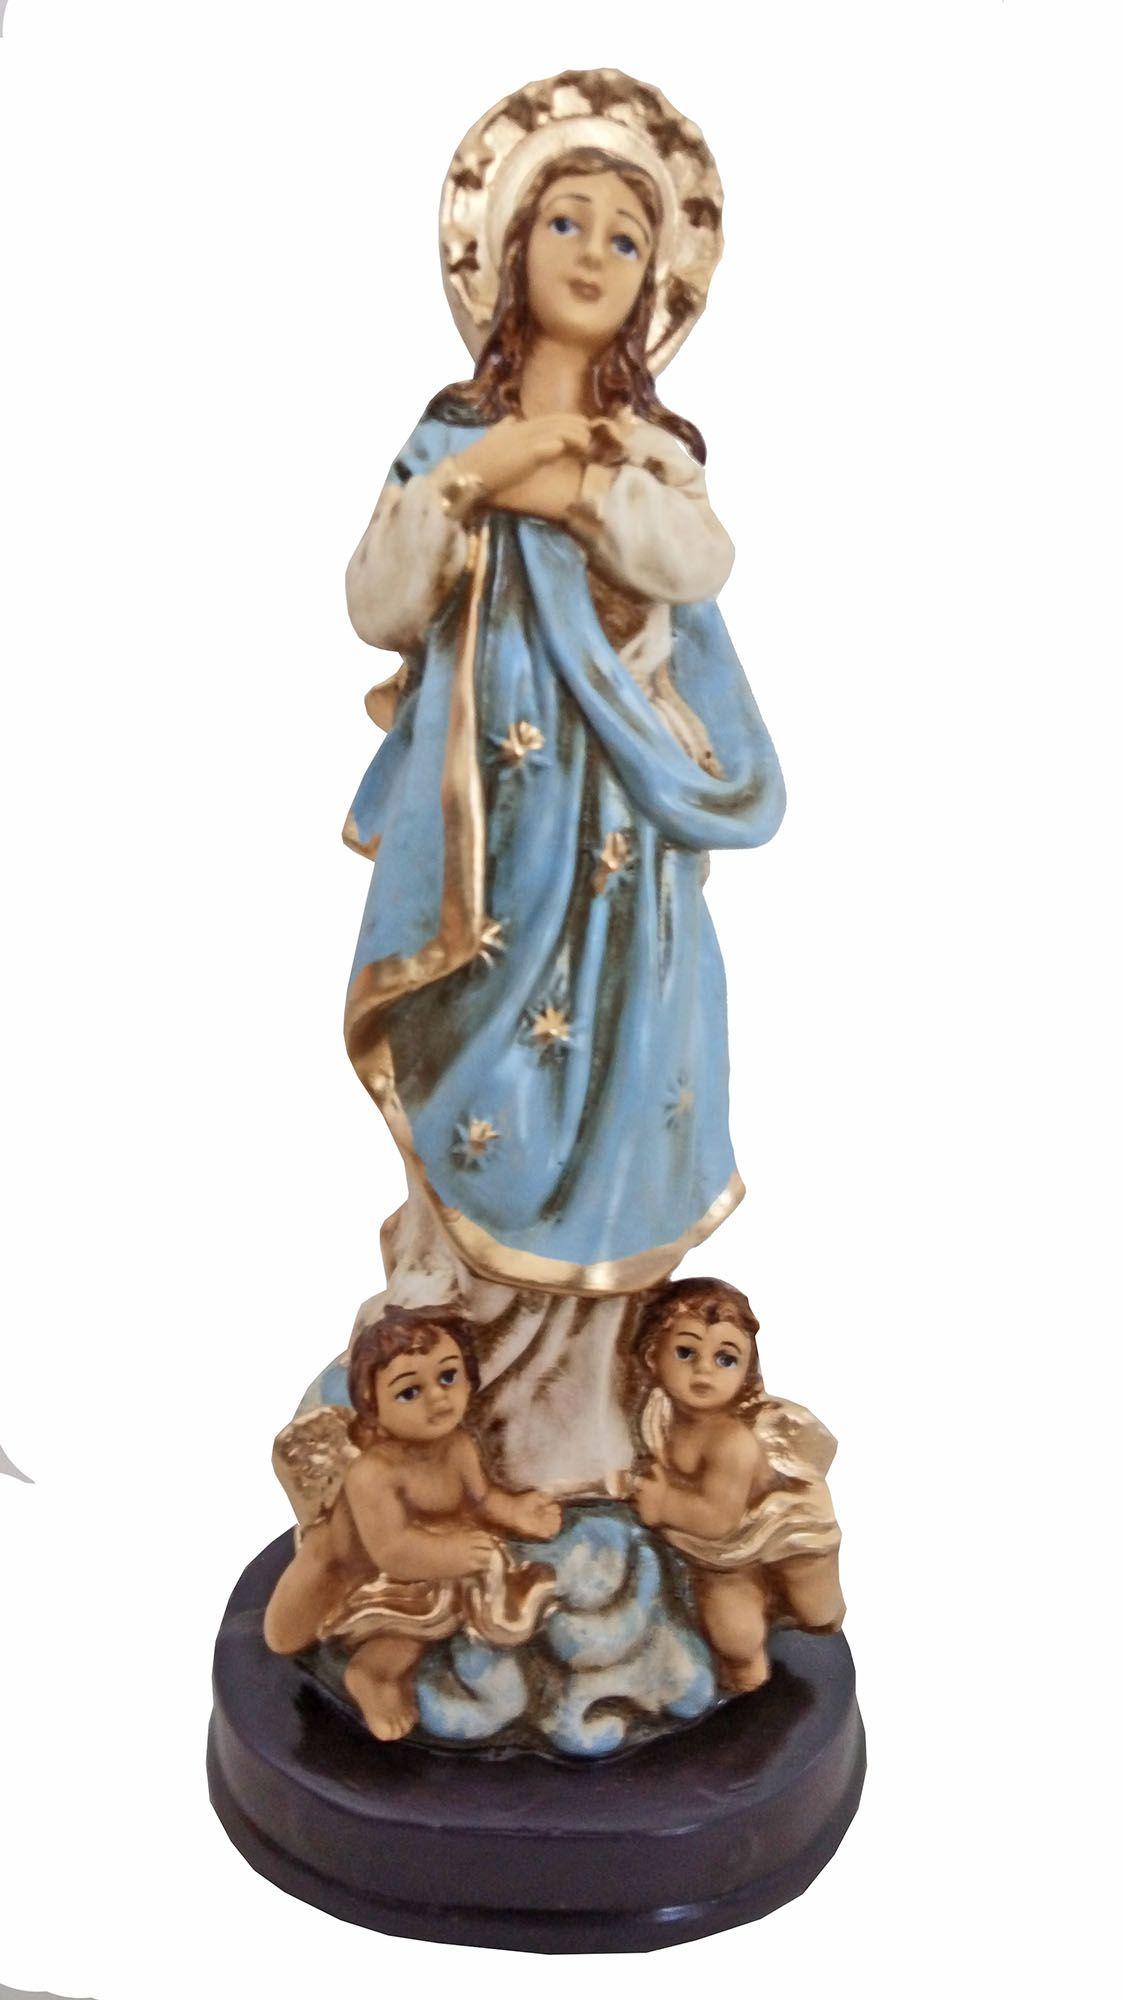 Nossa Senhora da Conceição - 020 cm